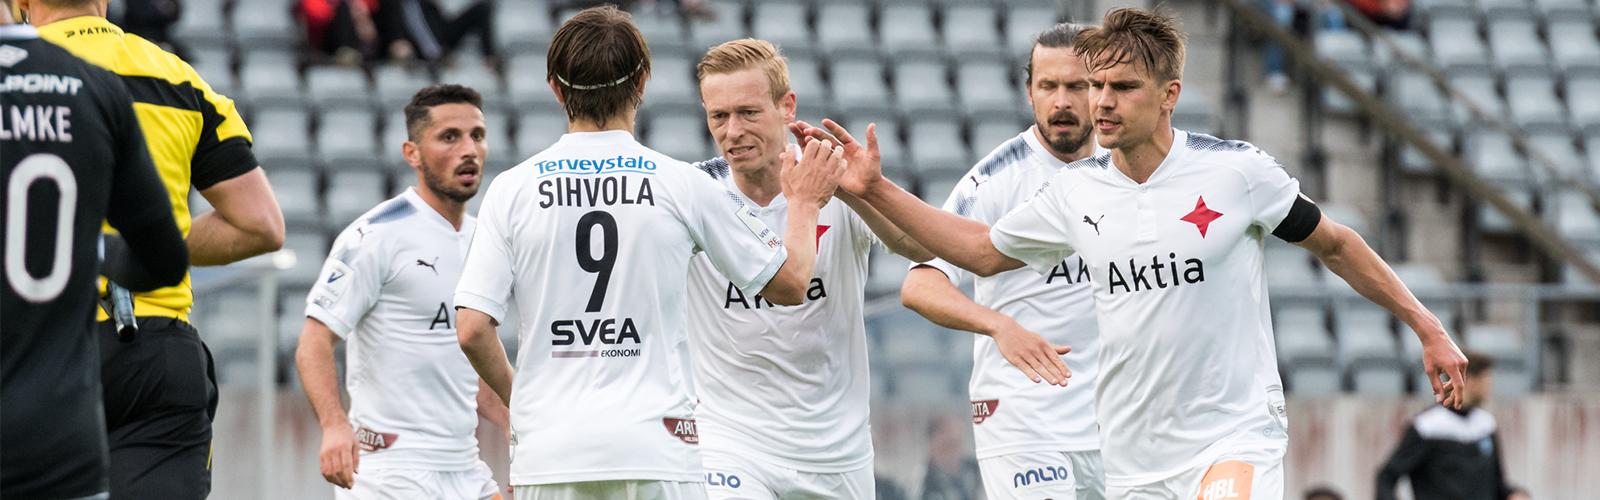 HIFK:n kokoonpano KuPS-otteluun <br> &#8211; Forssell jahtaa neljättä peräkkäistä maalia